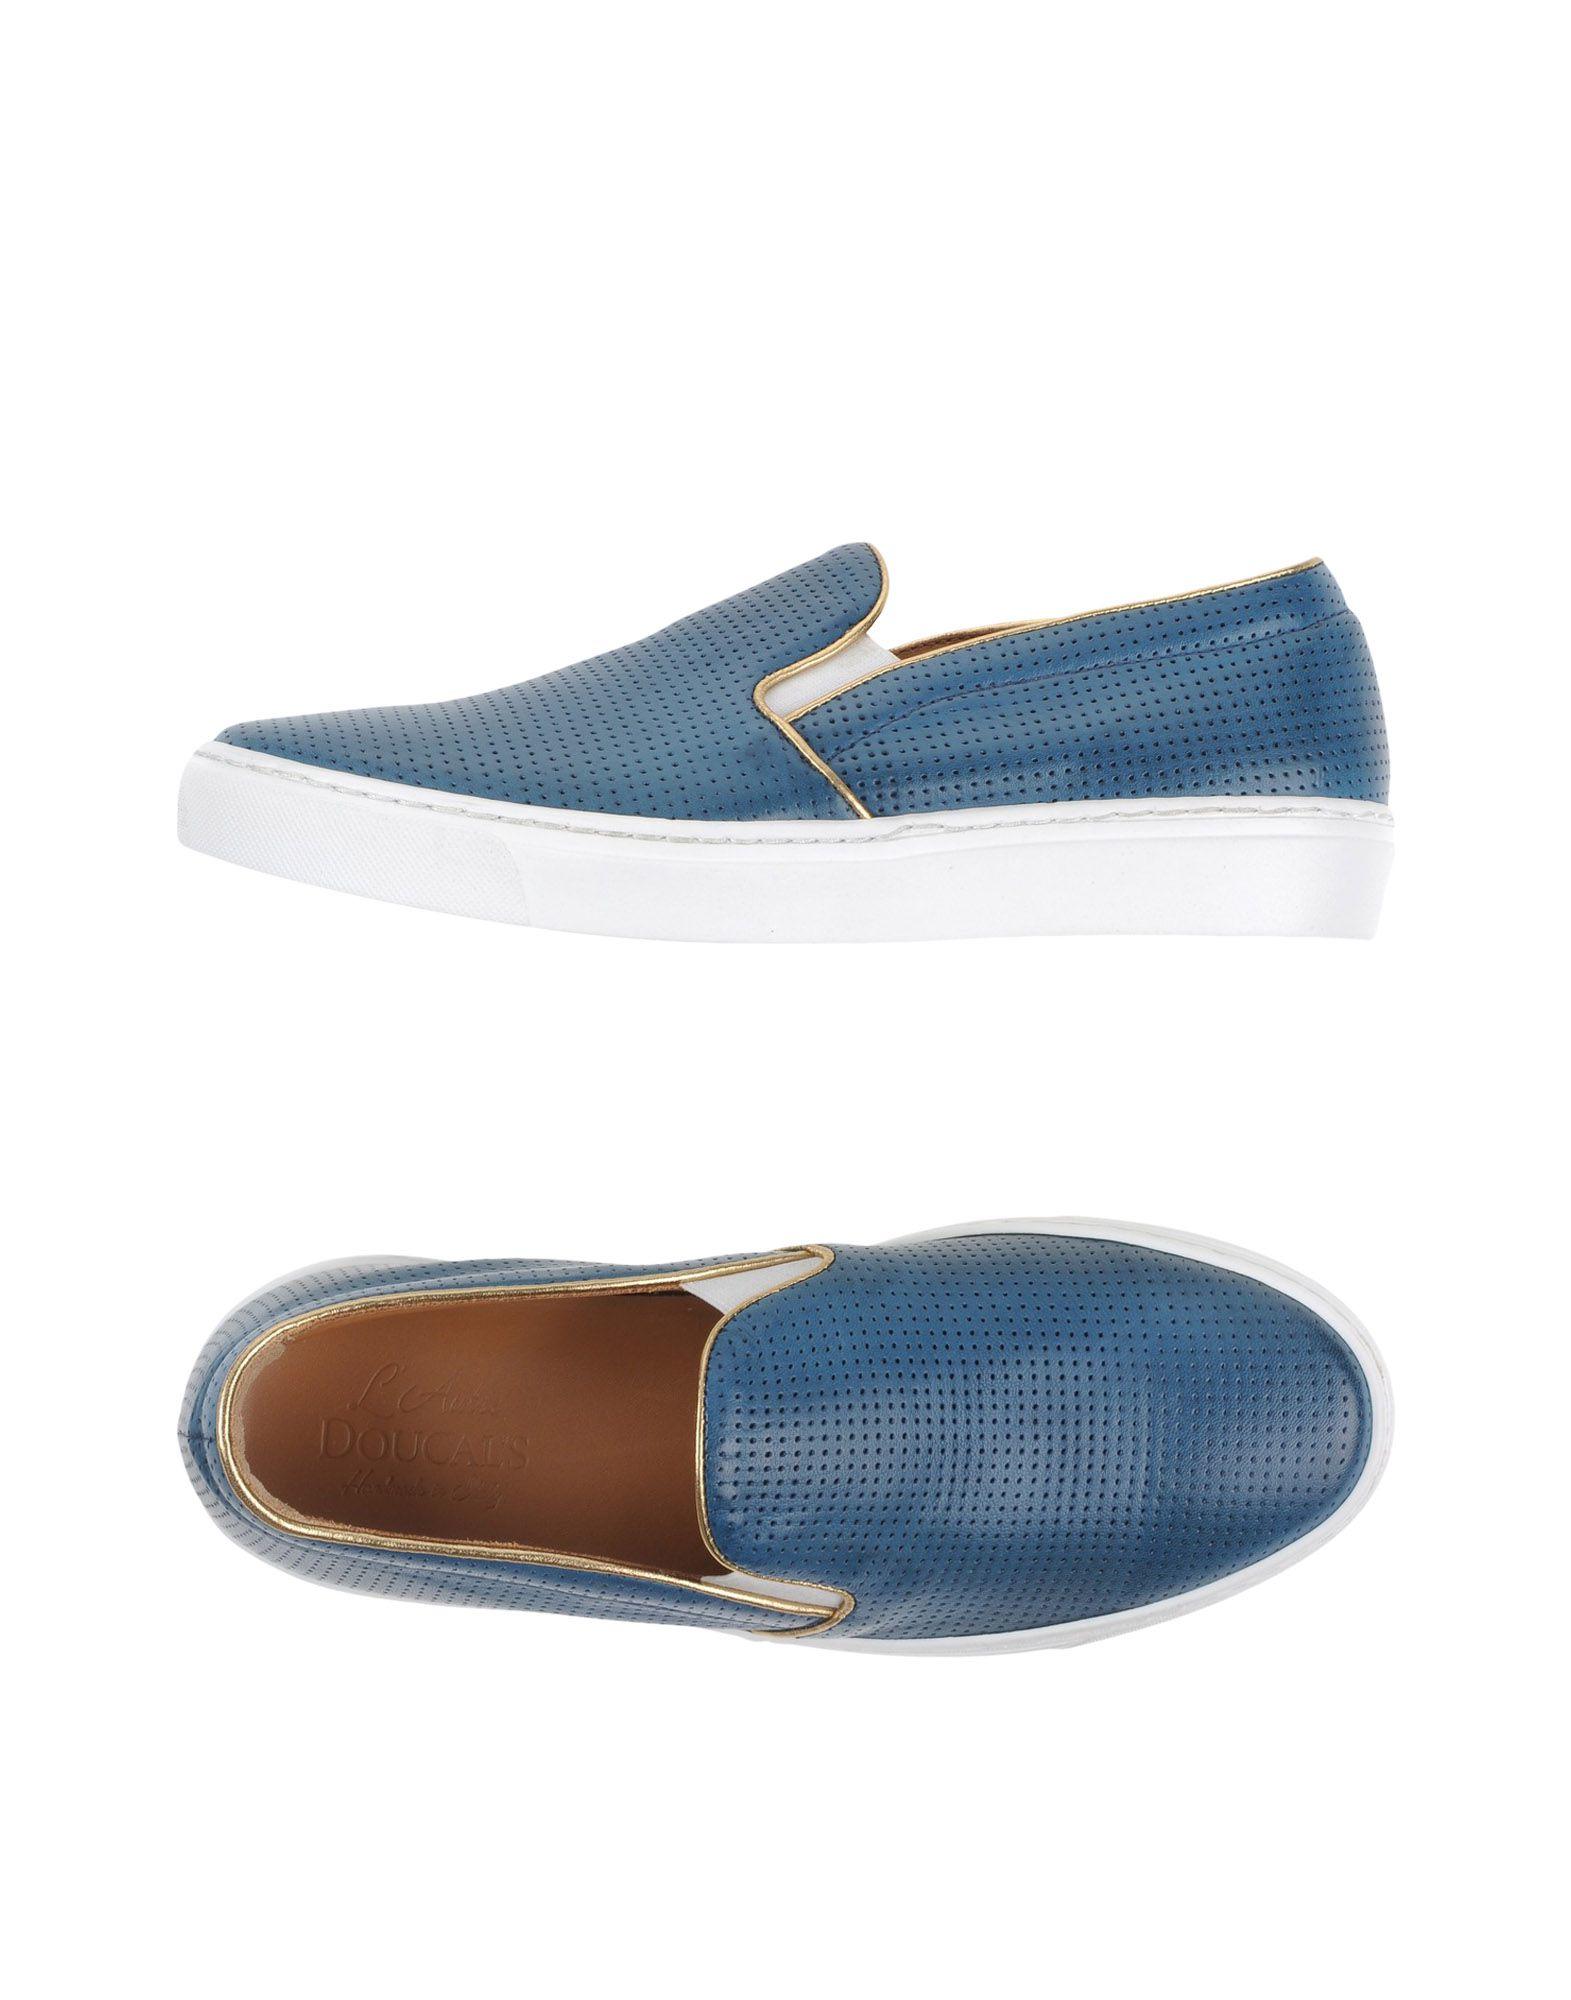 Chaussures - Bas-tops Et Baskets Lautre Doucals KIrMLm